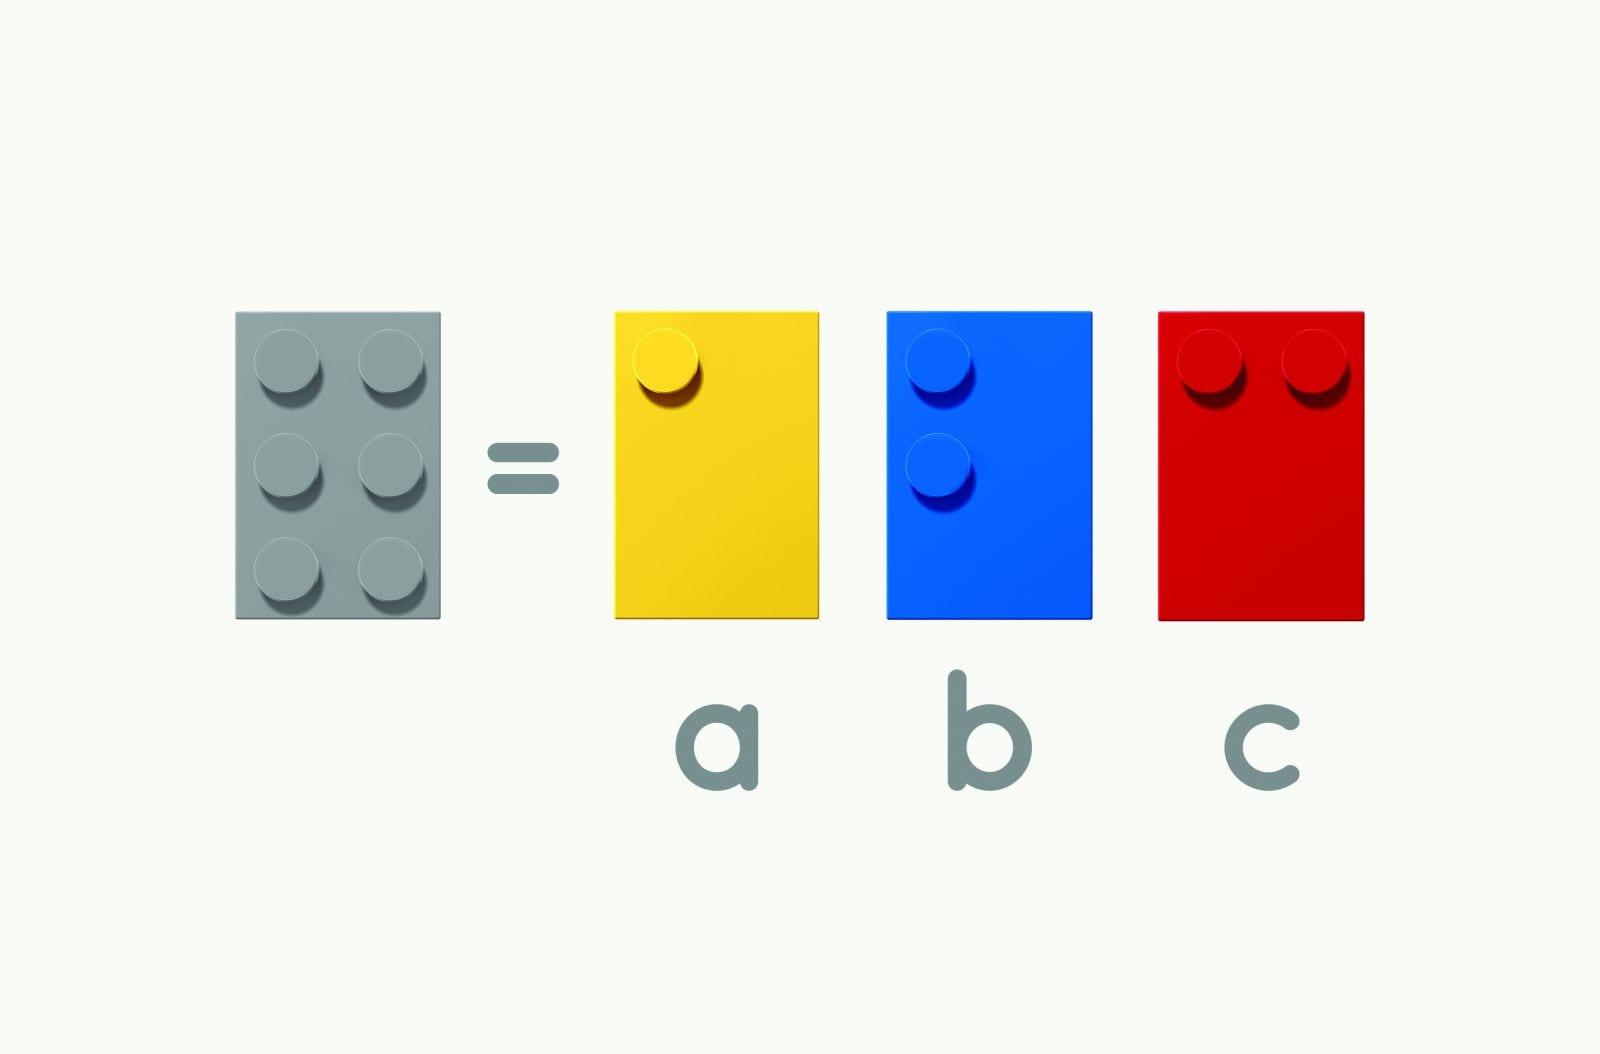 braille_bricks_comunicadores_3